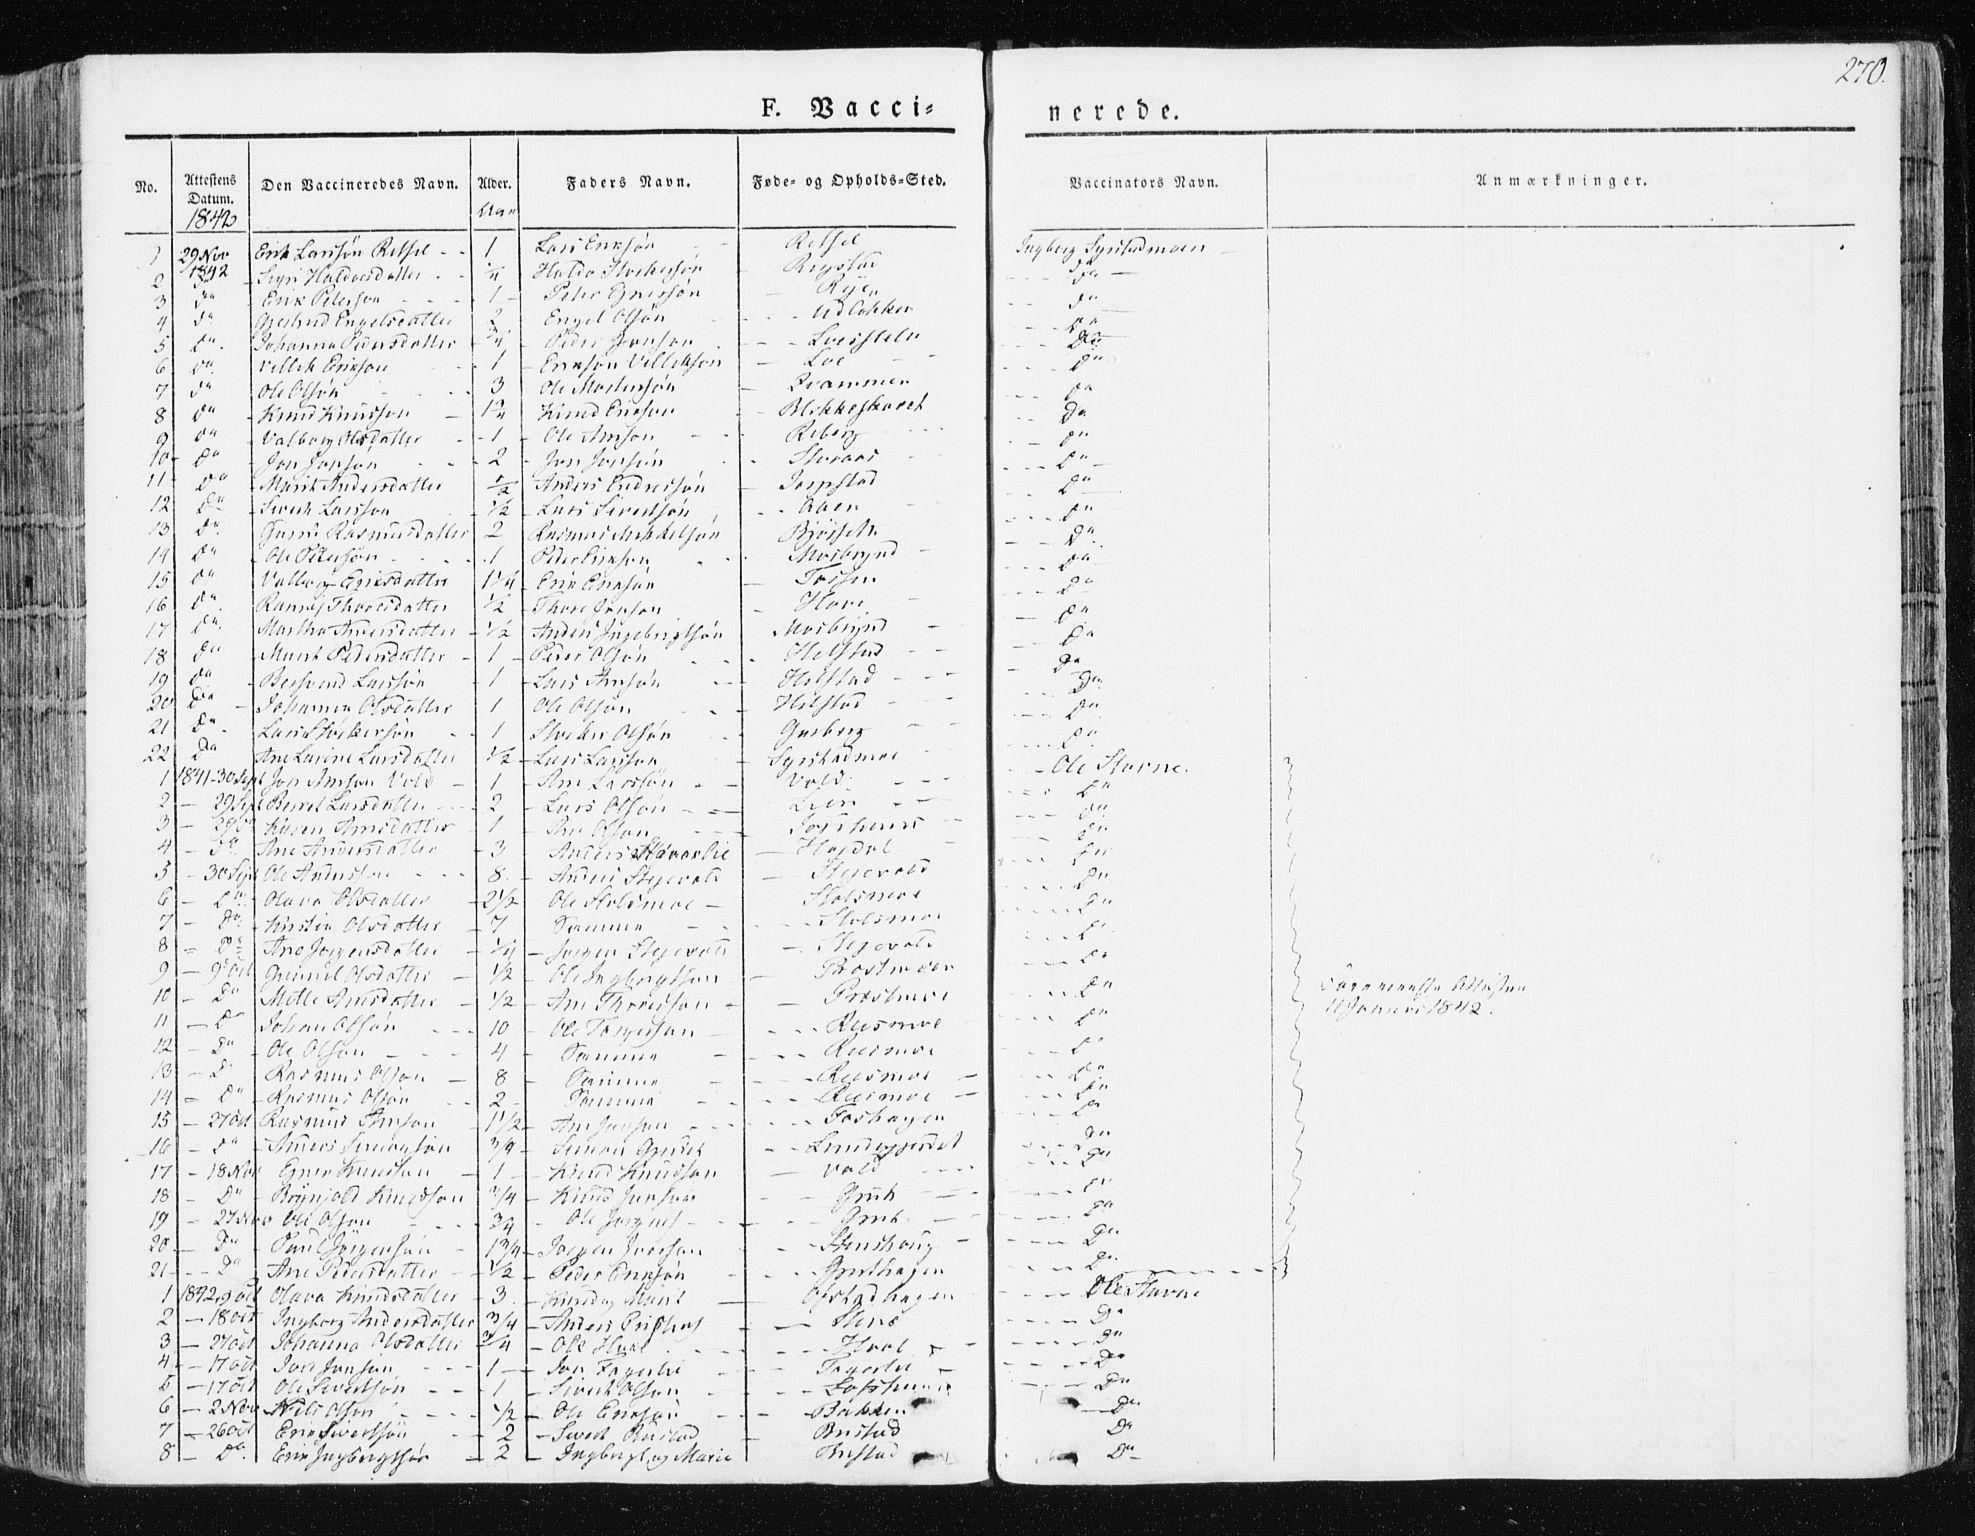 SAT, Ministerialprotokoller, klokkerbøker og fødselsregistre - Sør-Trøndelag, 672/L0855: Ministerialbok nr. 672A07, 1829-1860, s. 270